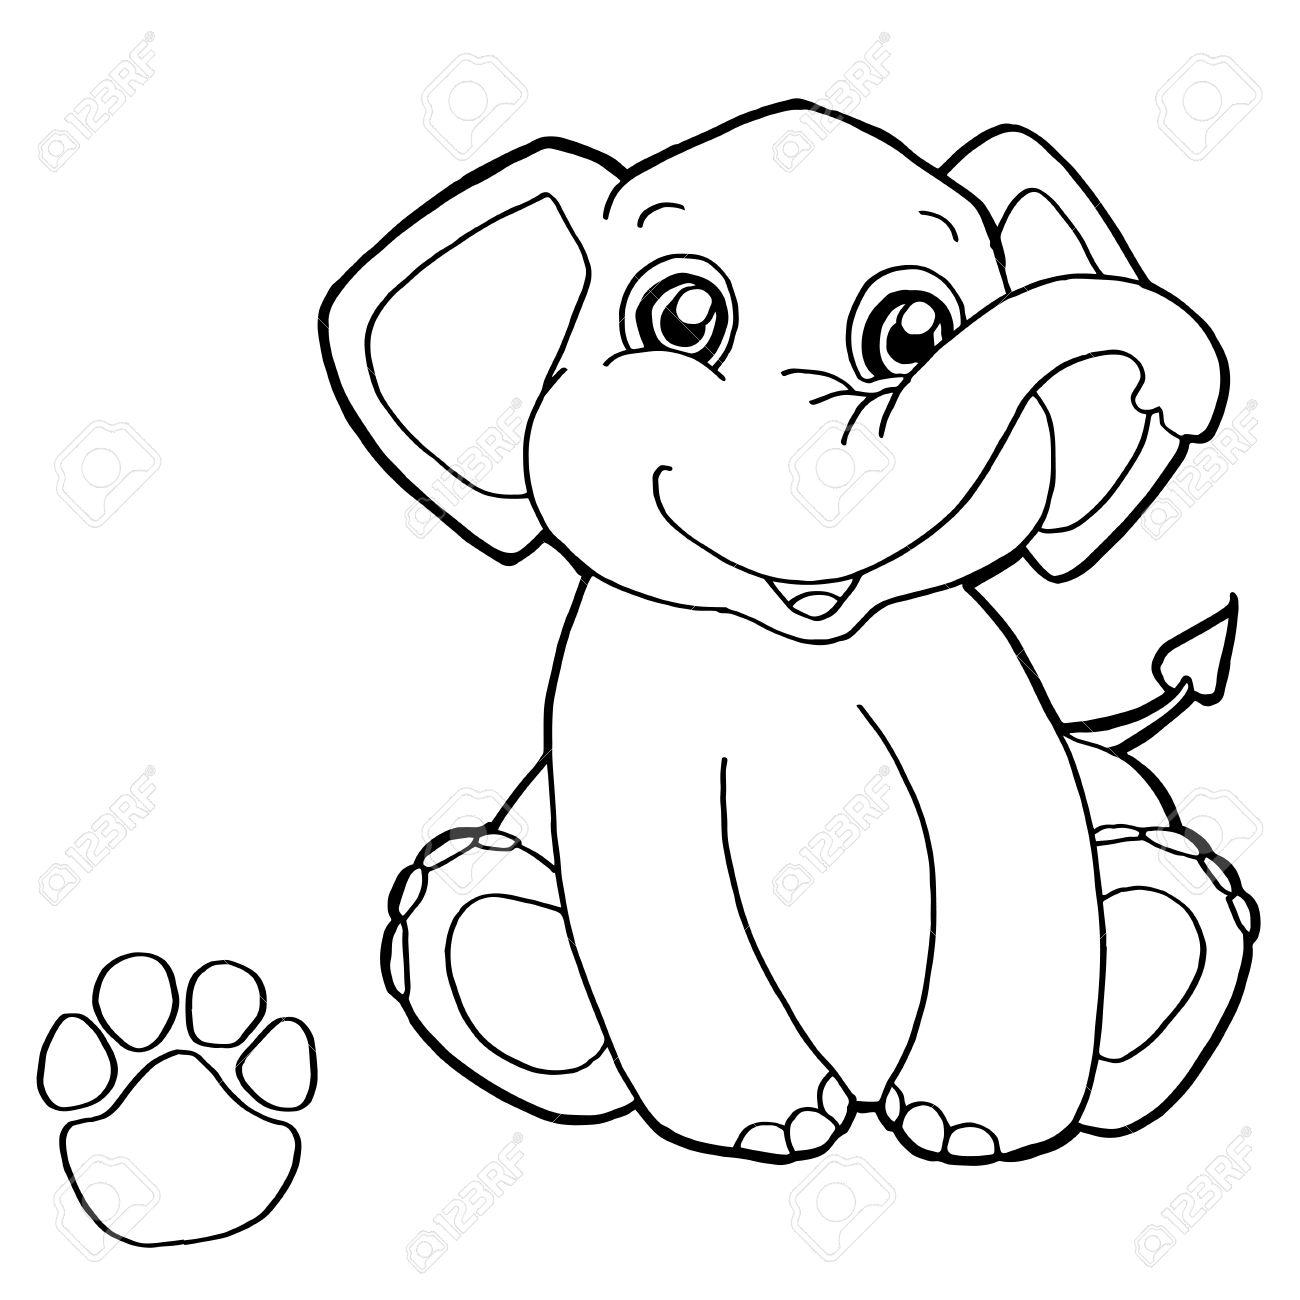 Impresión De La Pata De Elefante Para Colorear Con Vectores